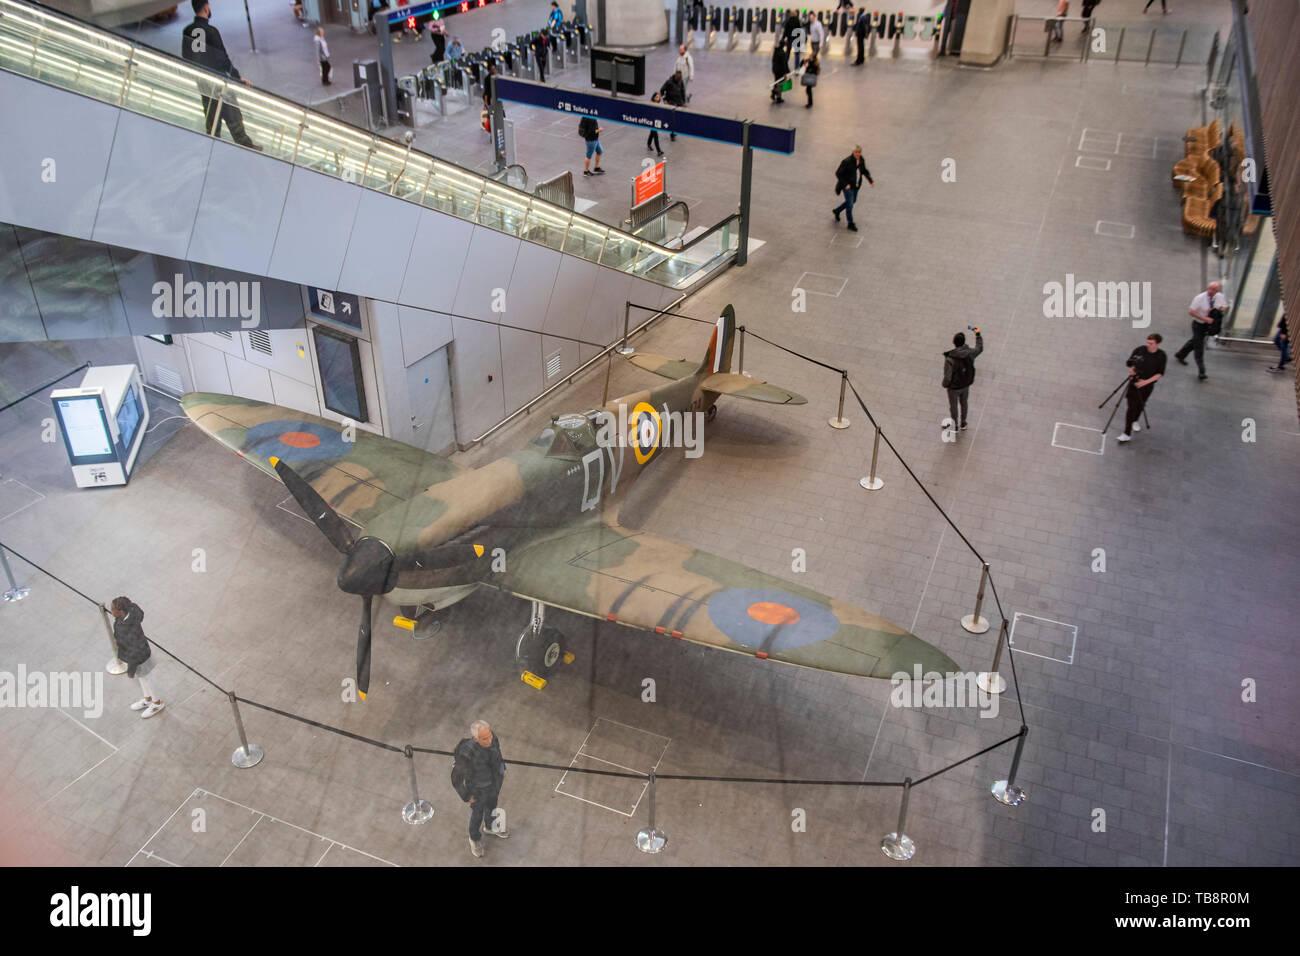 Spitfire Replica Stock Photos & Spitfire Replica Stock